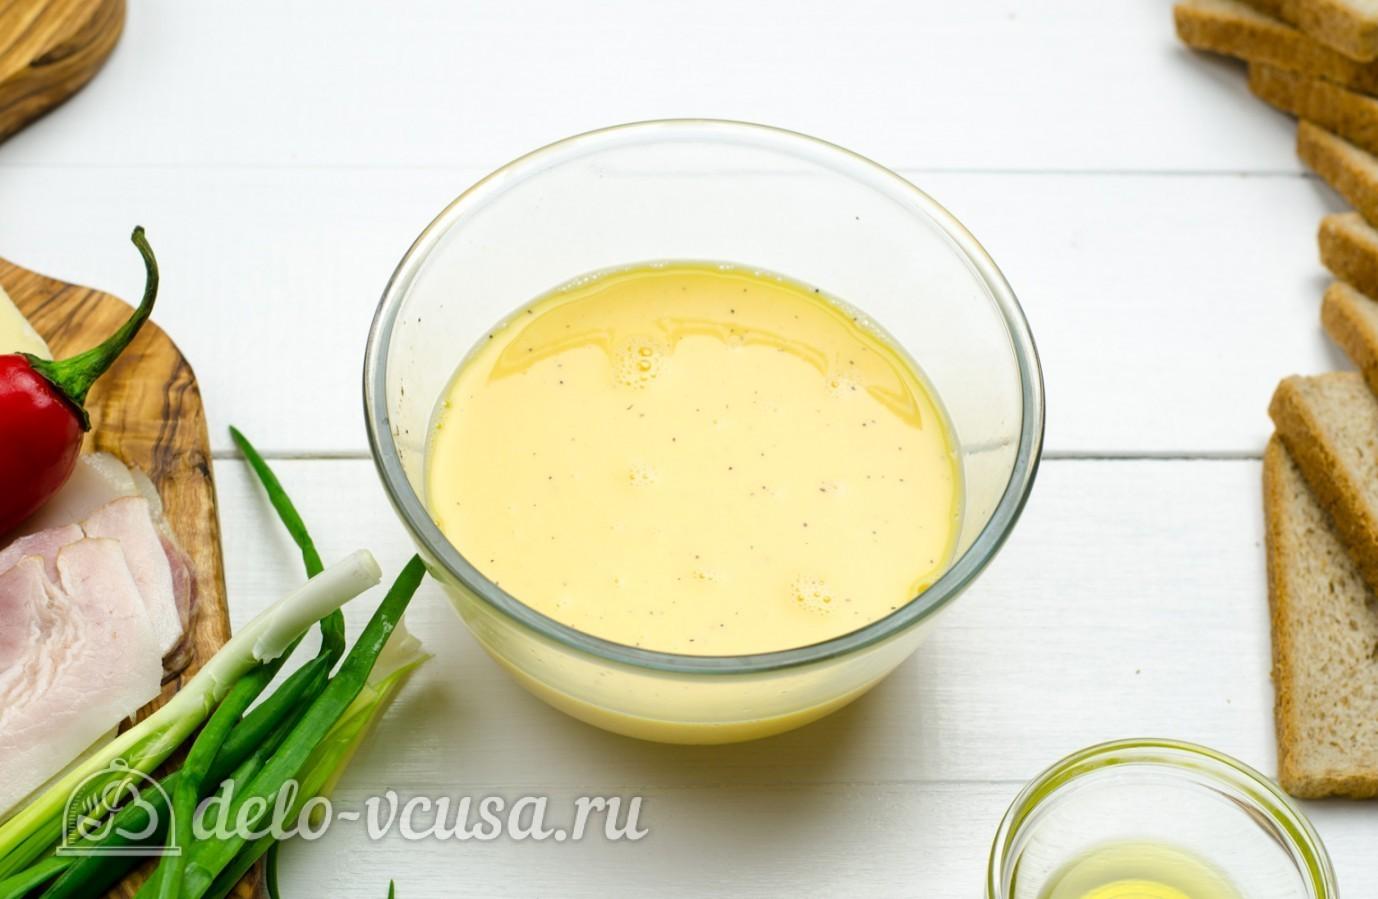 Как сделать омлет с молоком на сковороде рецепт с пошагово